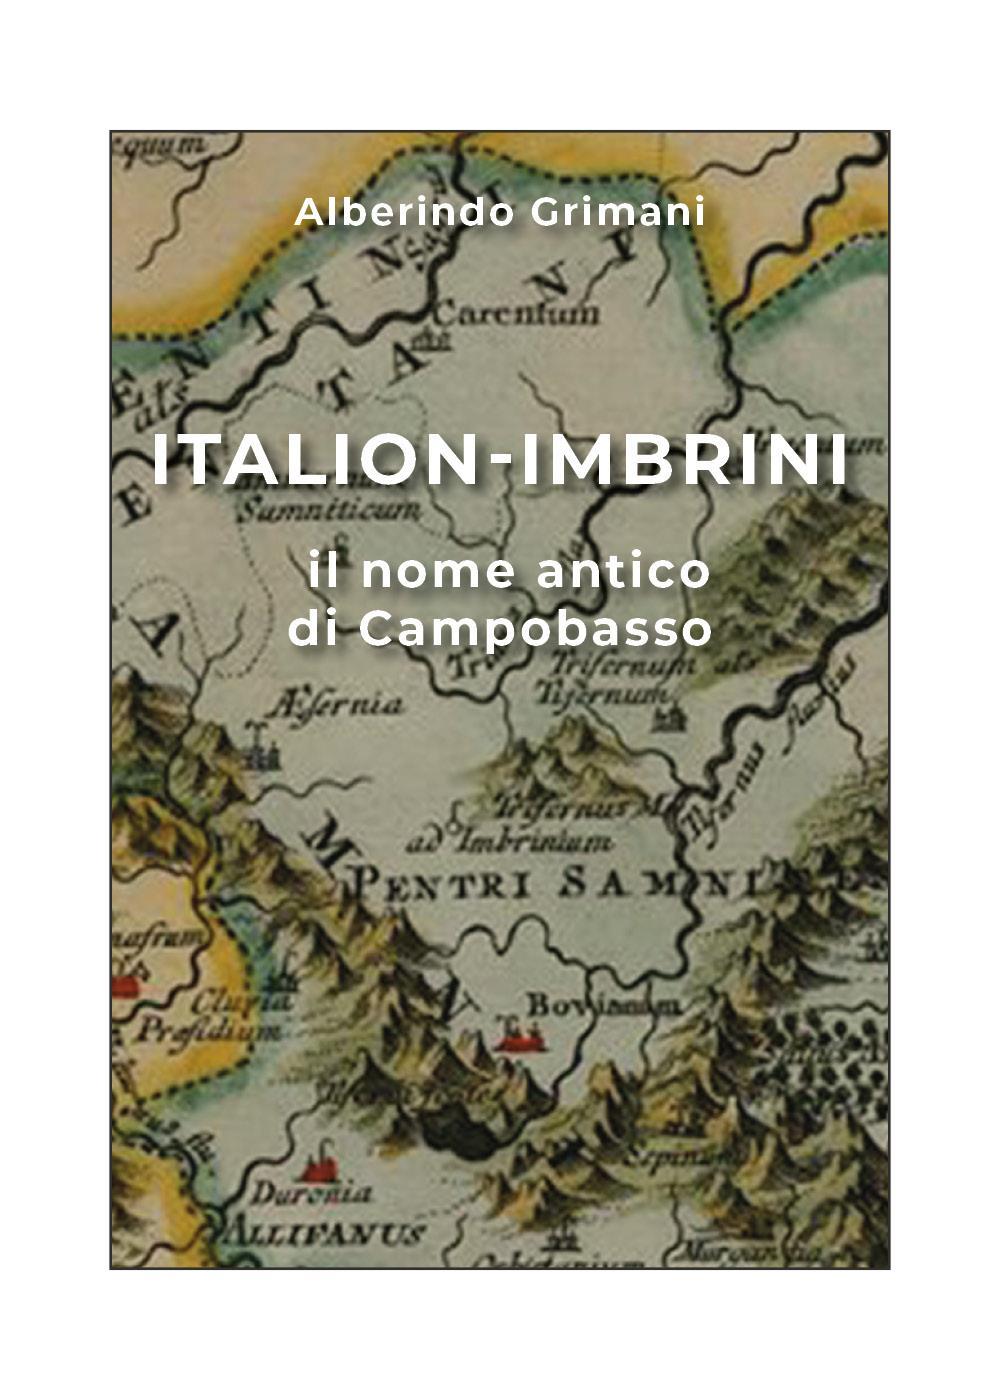 Italion-Imbrini il nome antico di Campobasso